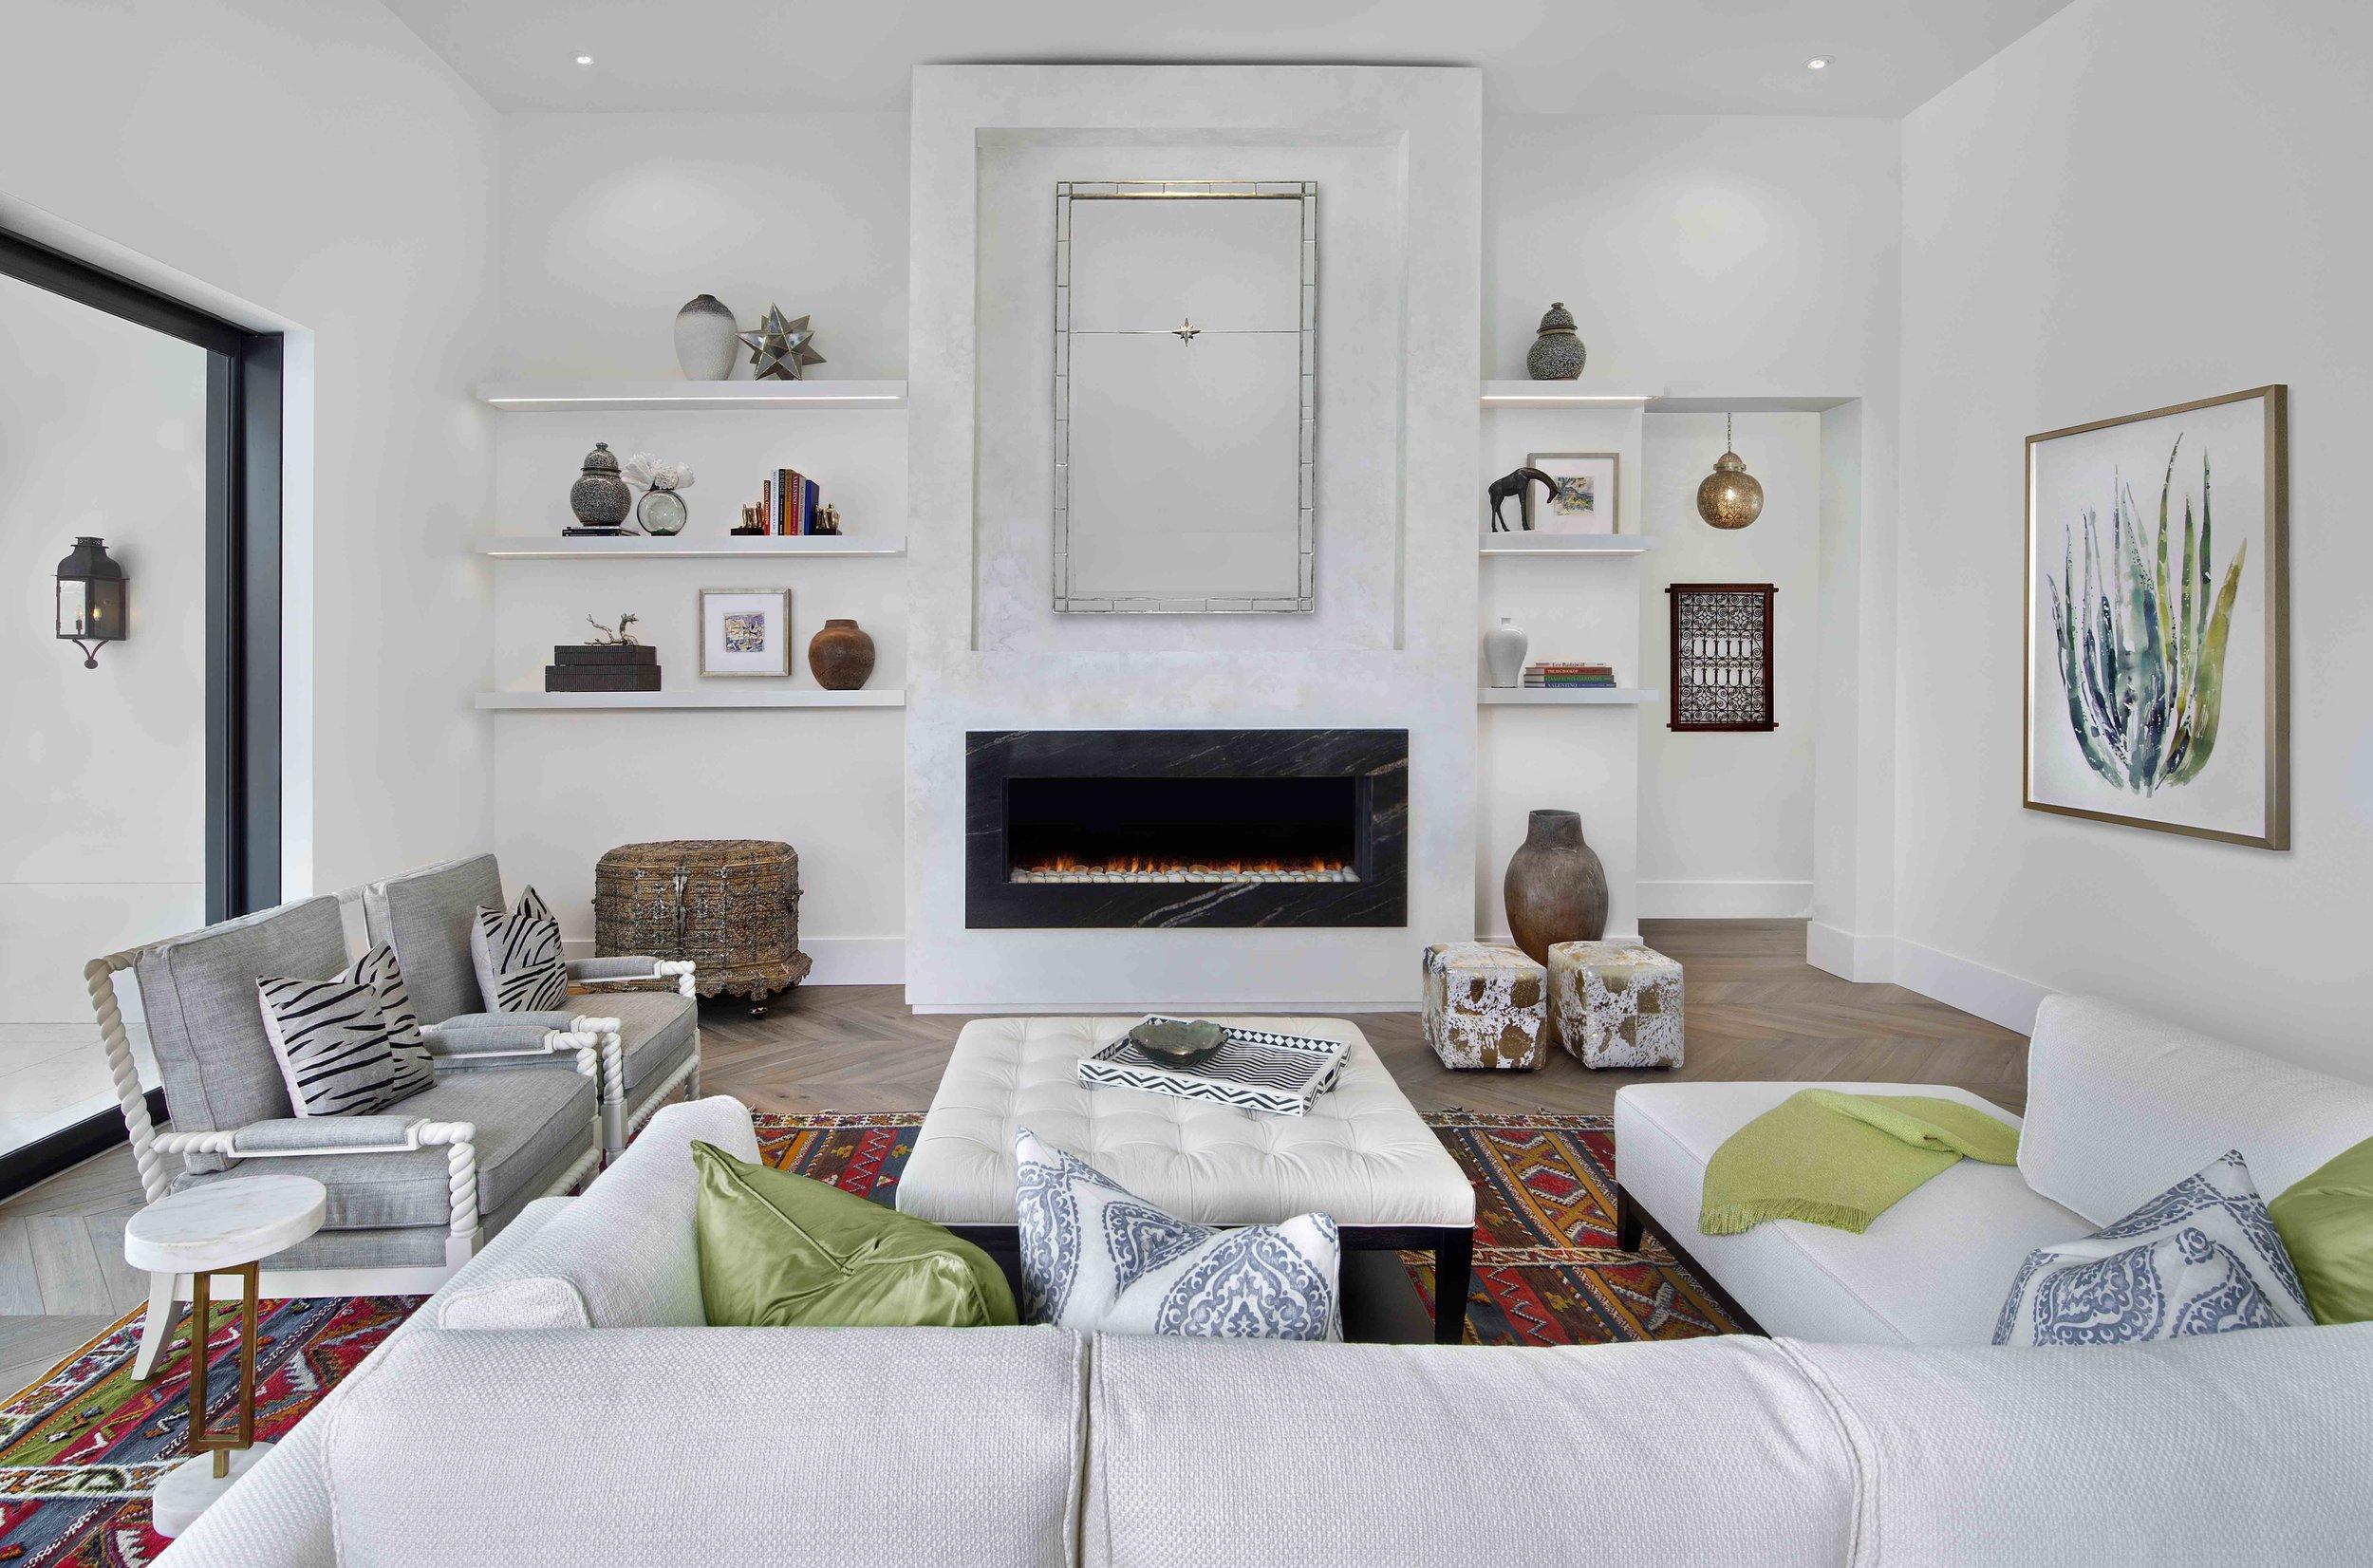 14451 Marsala Living Room 2 V3 webb.jpg